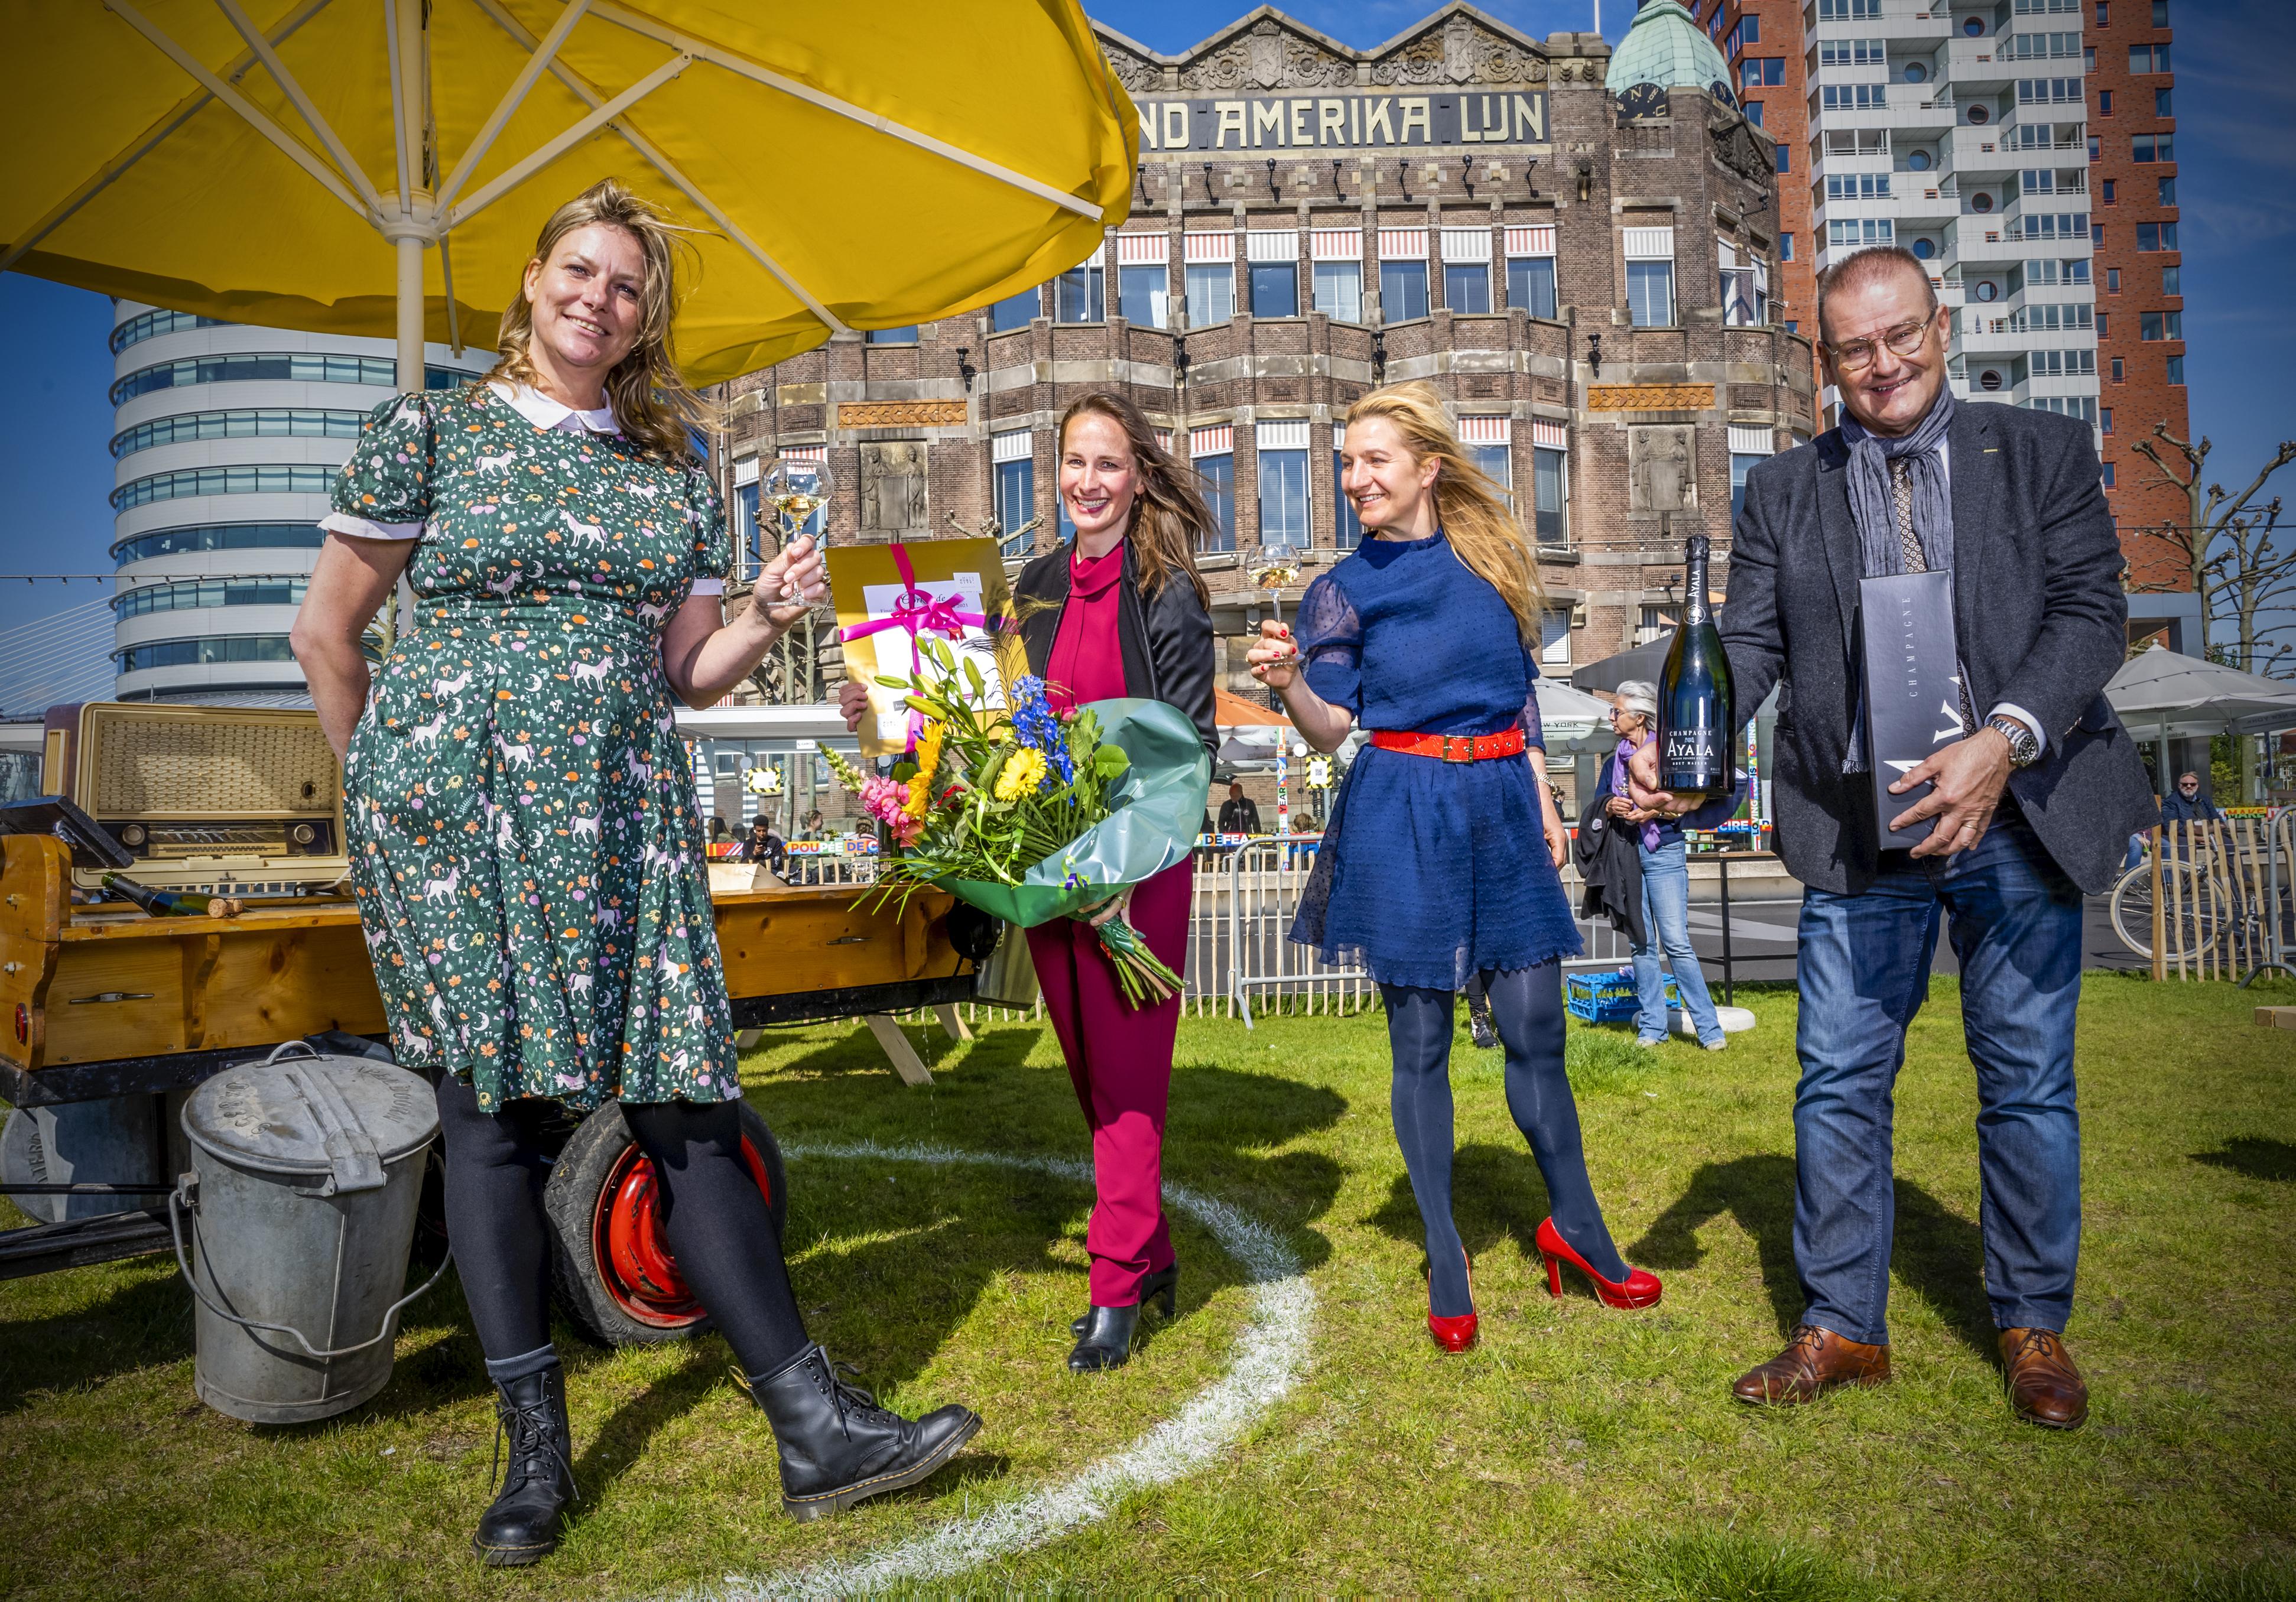 Tweede nominatie Wijnvrouw van het Jaar 2021 gaat naar Elke Wolterink